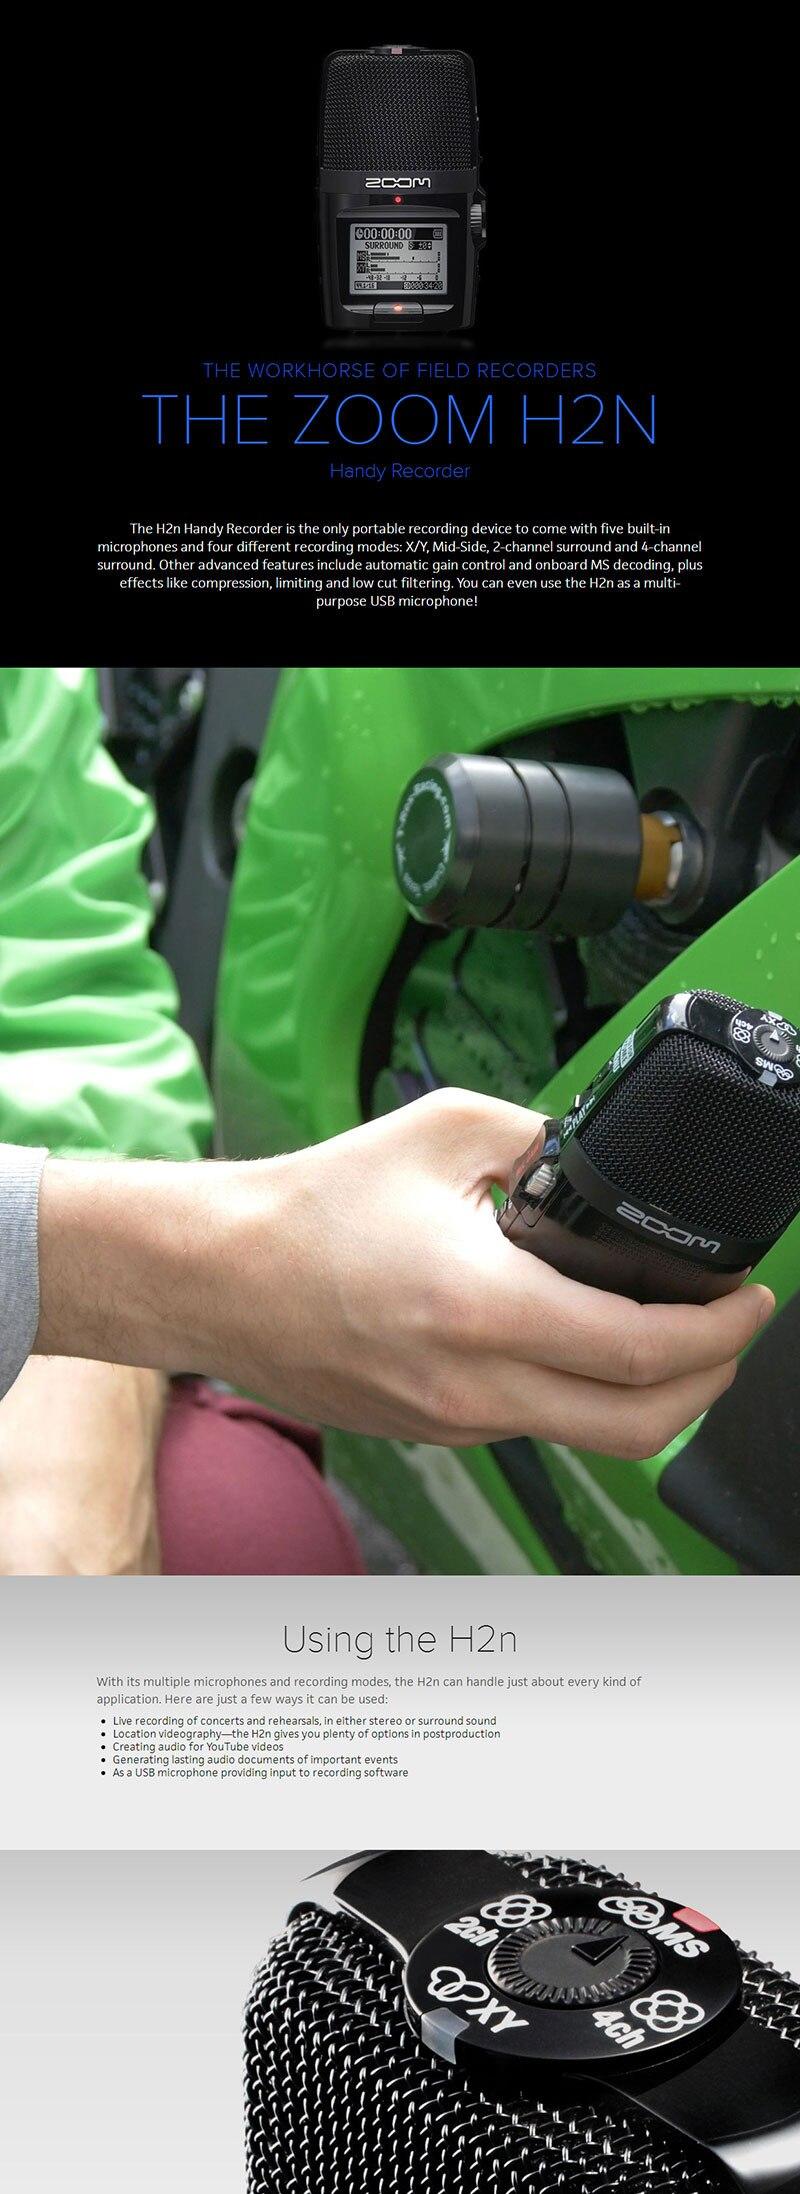 Zoom H2n Handy Recorder 4